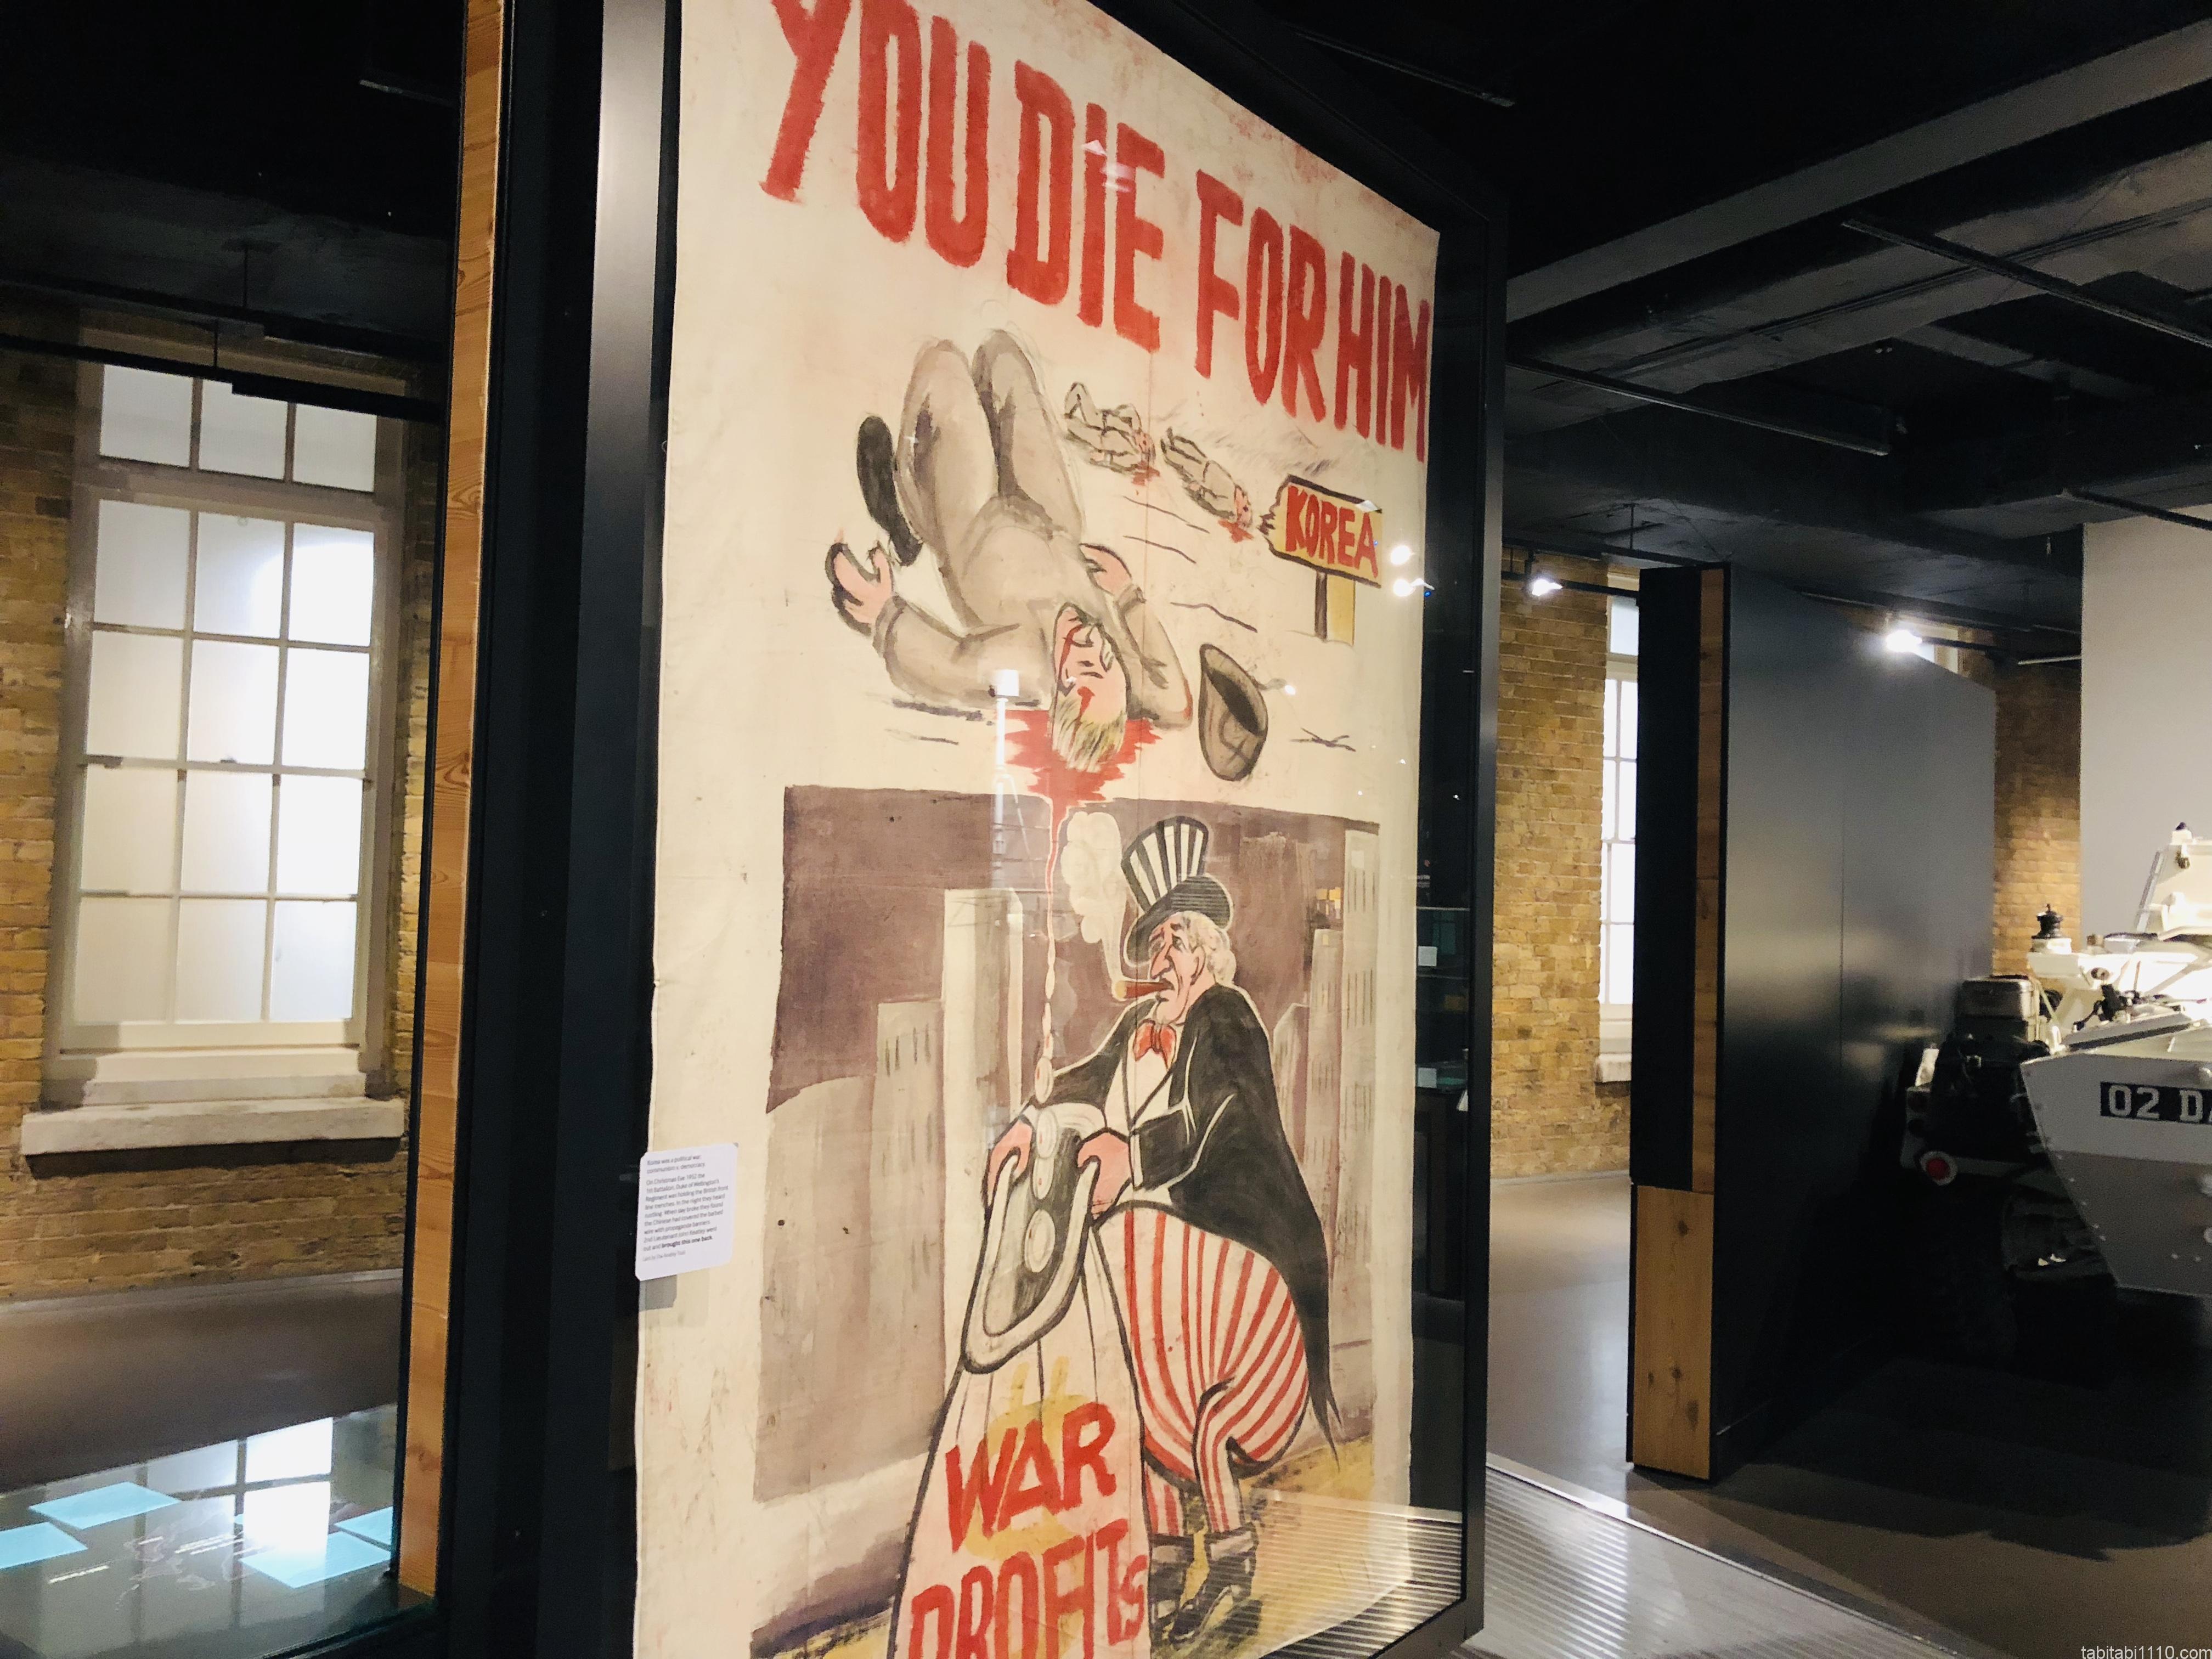 帝国戦争博物館|朝鮮戦争